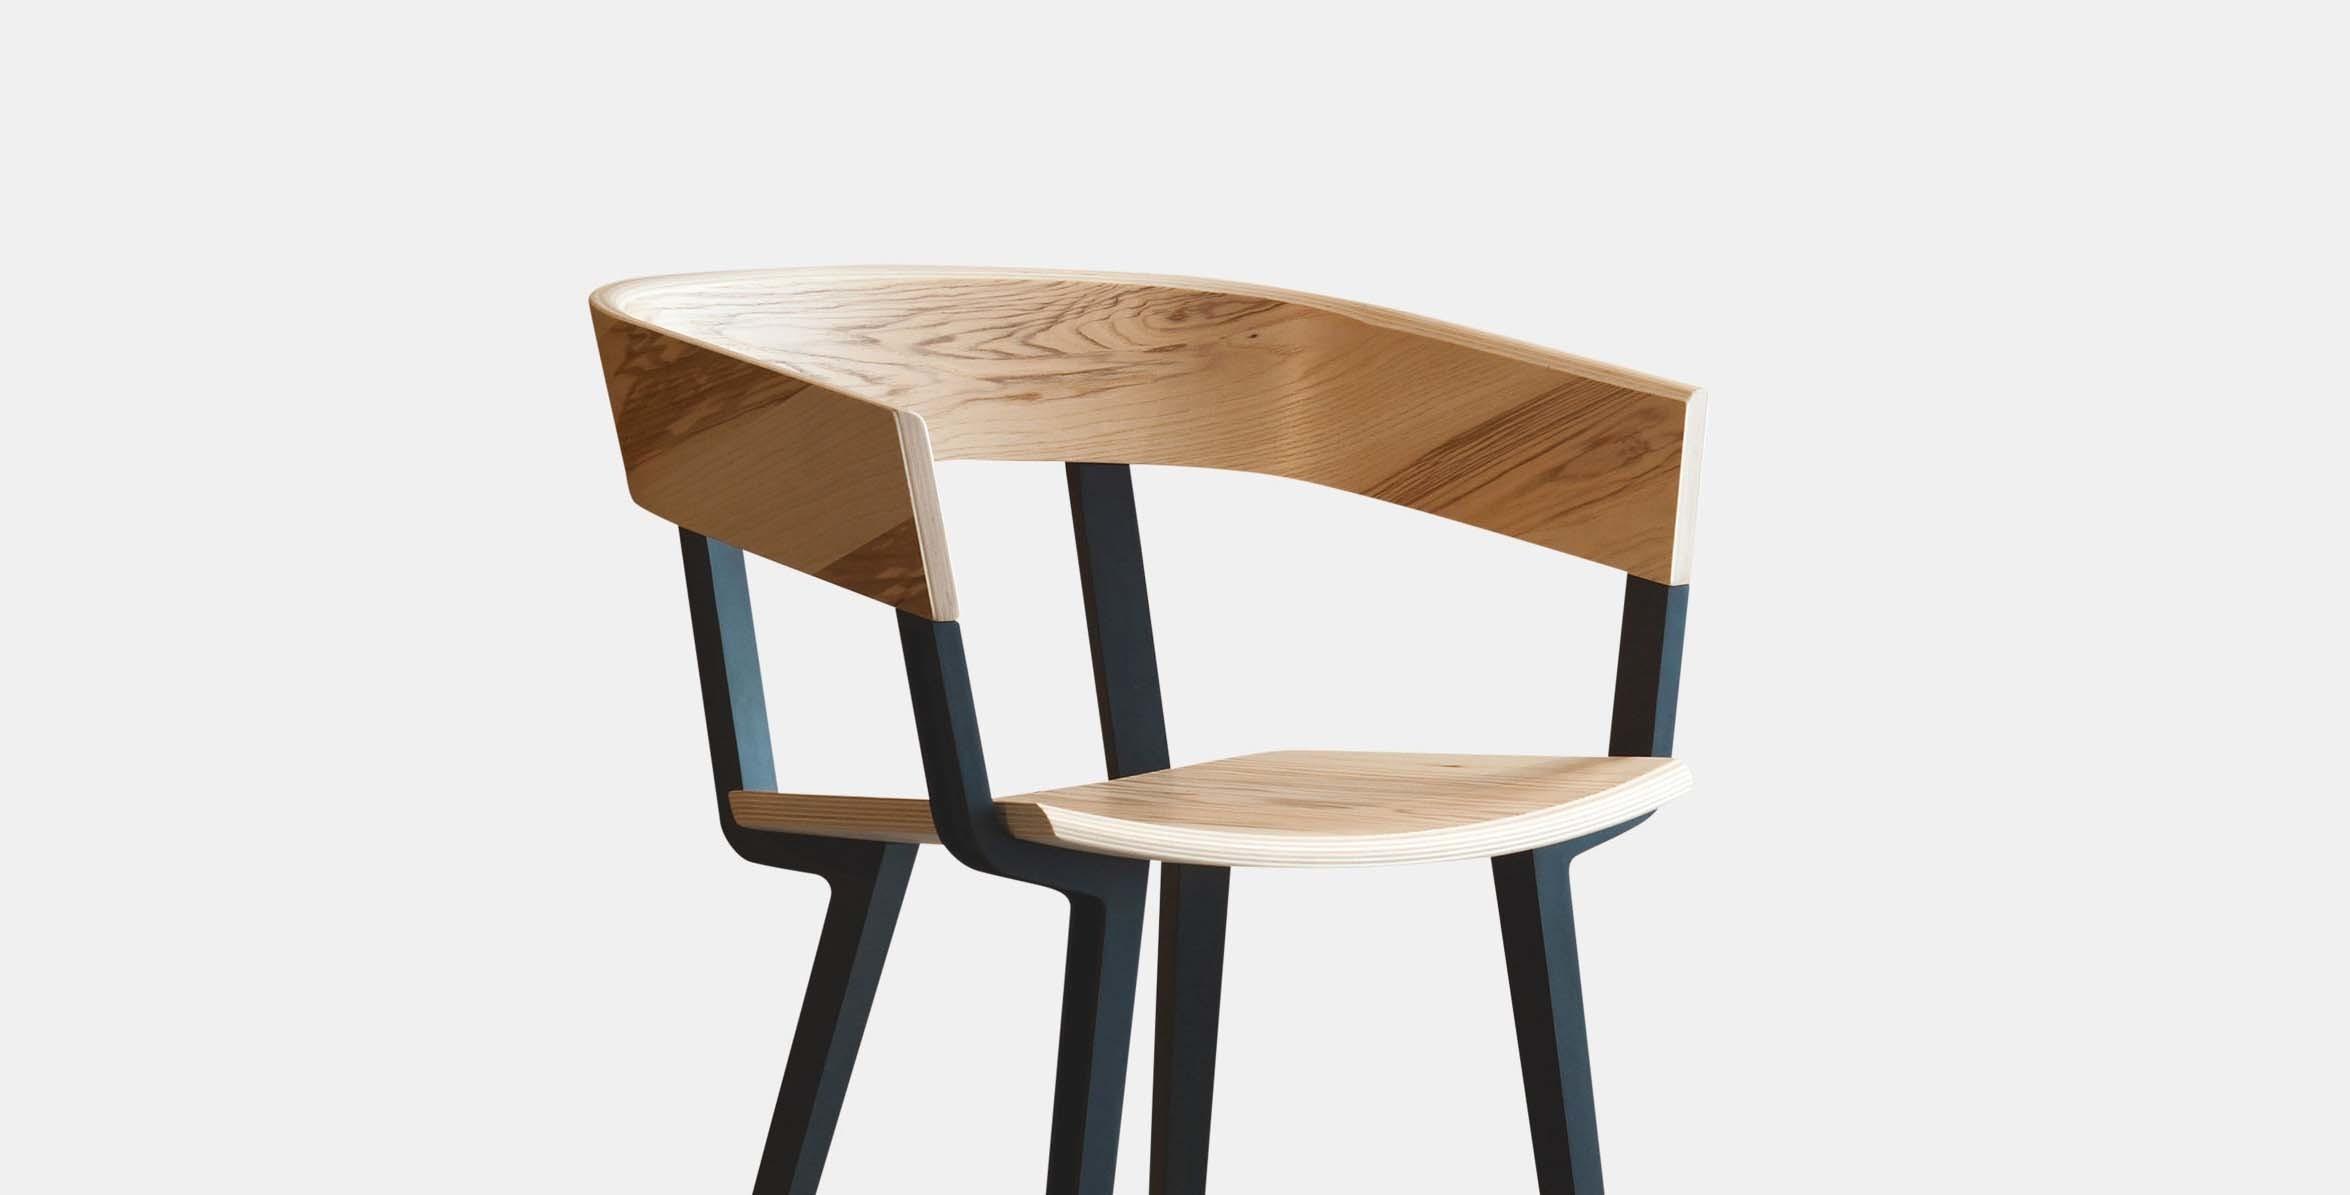 Designers Jamie Mc Lellan